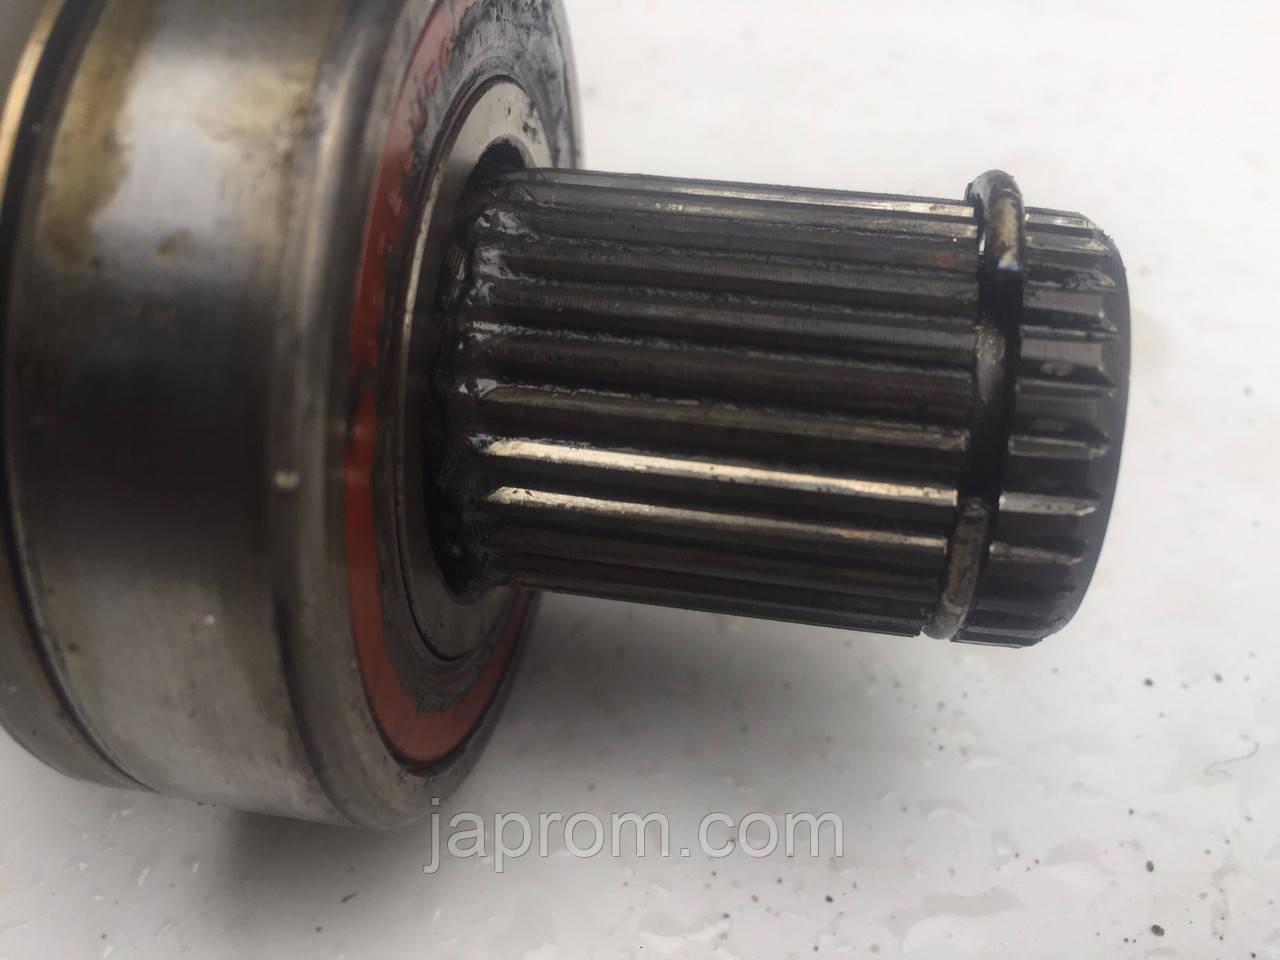 Промвал правого привода Mazda 626 GE RF 2.0 дизель Comprex 41см.